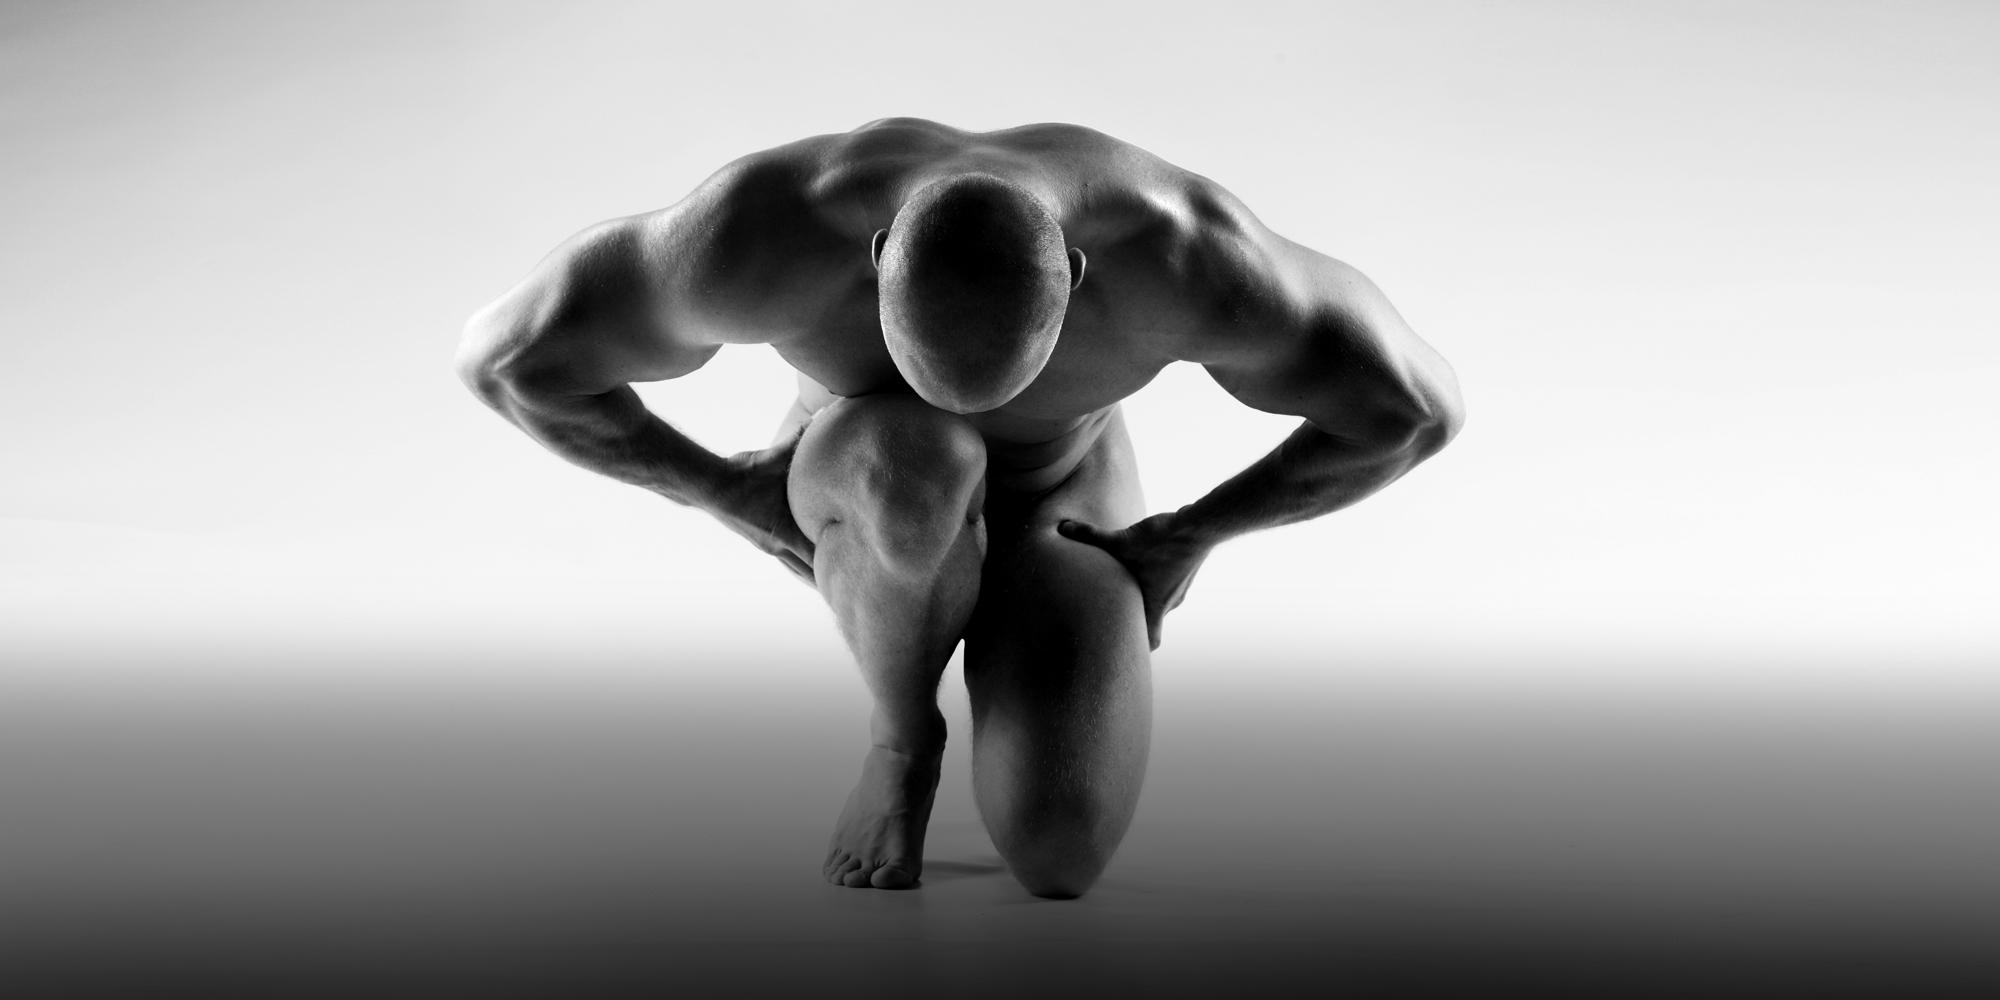 Schwarz-weißes Portrait eines knienden, nackten Mannes, der die Hände auf den Oberschenkeln abstützt und den Kopf auf sein Knie ablegt.